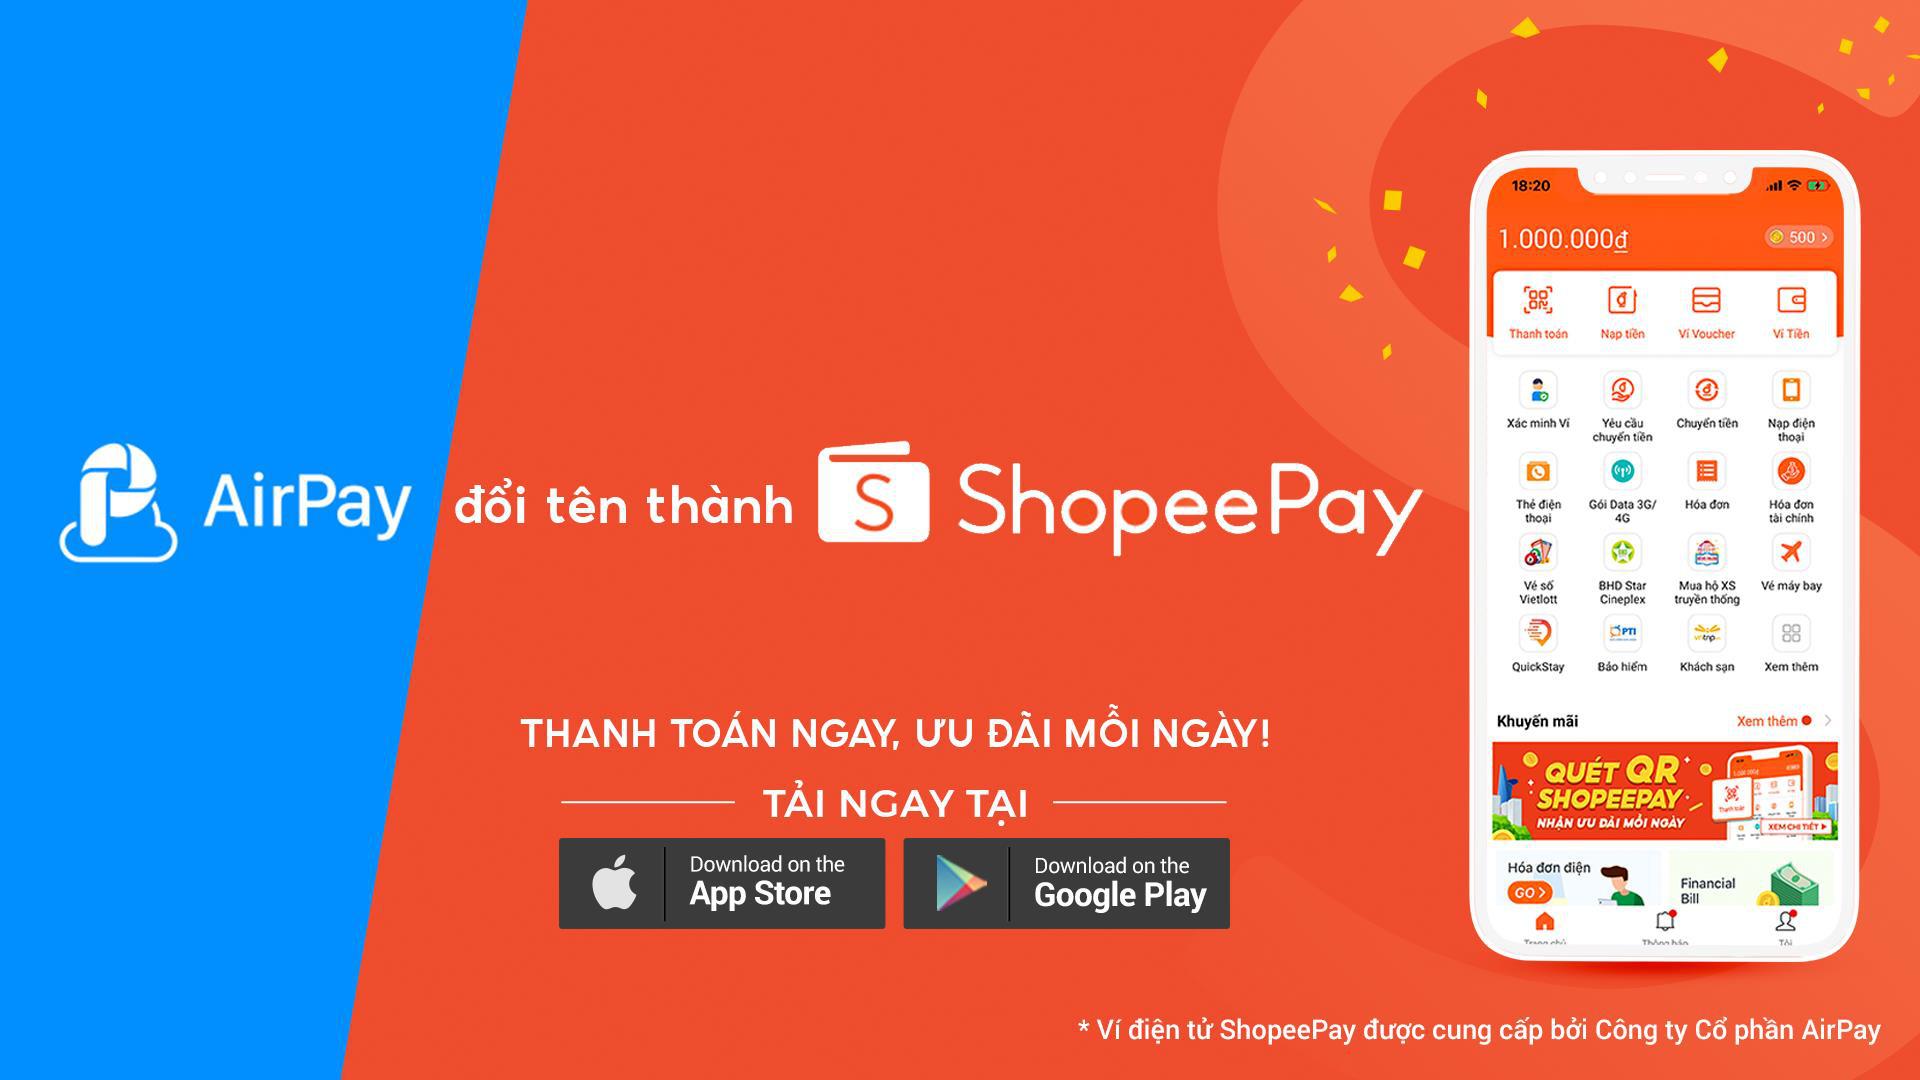 Từ hôm nay, hãy gọi ví AirPay là ShopeePay và đừng bỏ lỡ cơn mưa quà tặng - Ảnh 1.